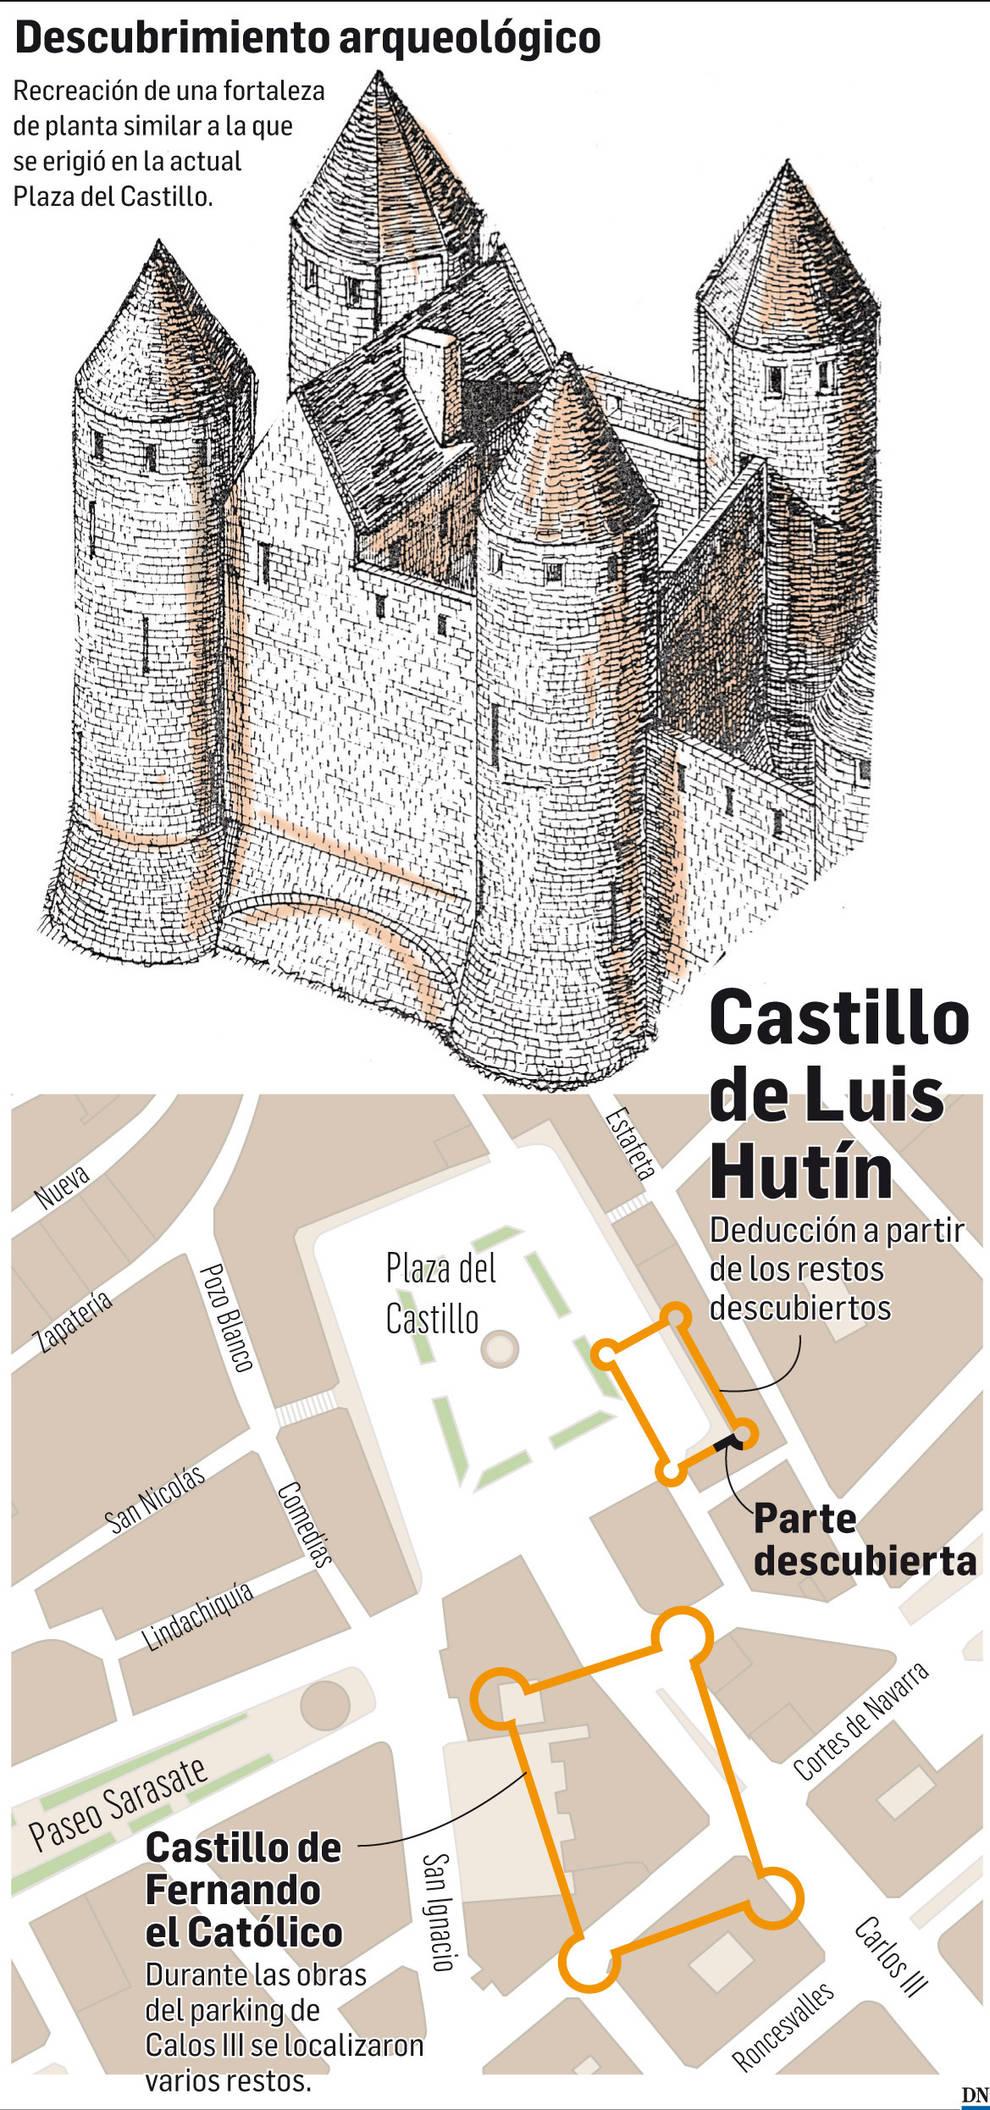 Hallan restos de una torre del castillo de Hutín (s.XIV) bajo el bar Tropicana de Pamplona